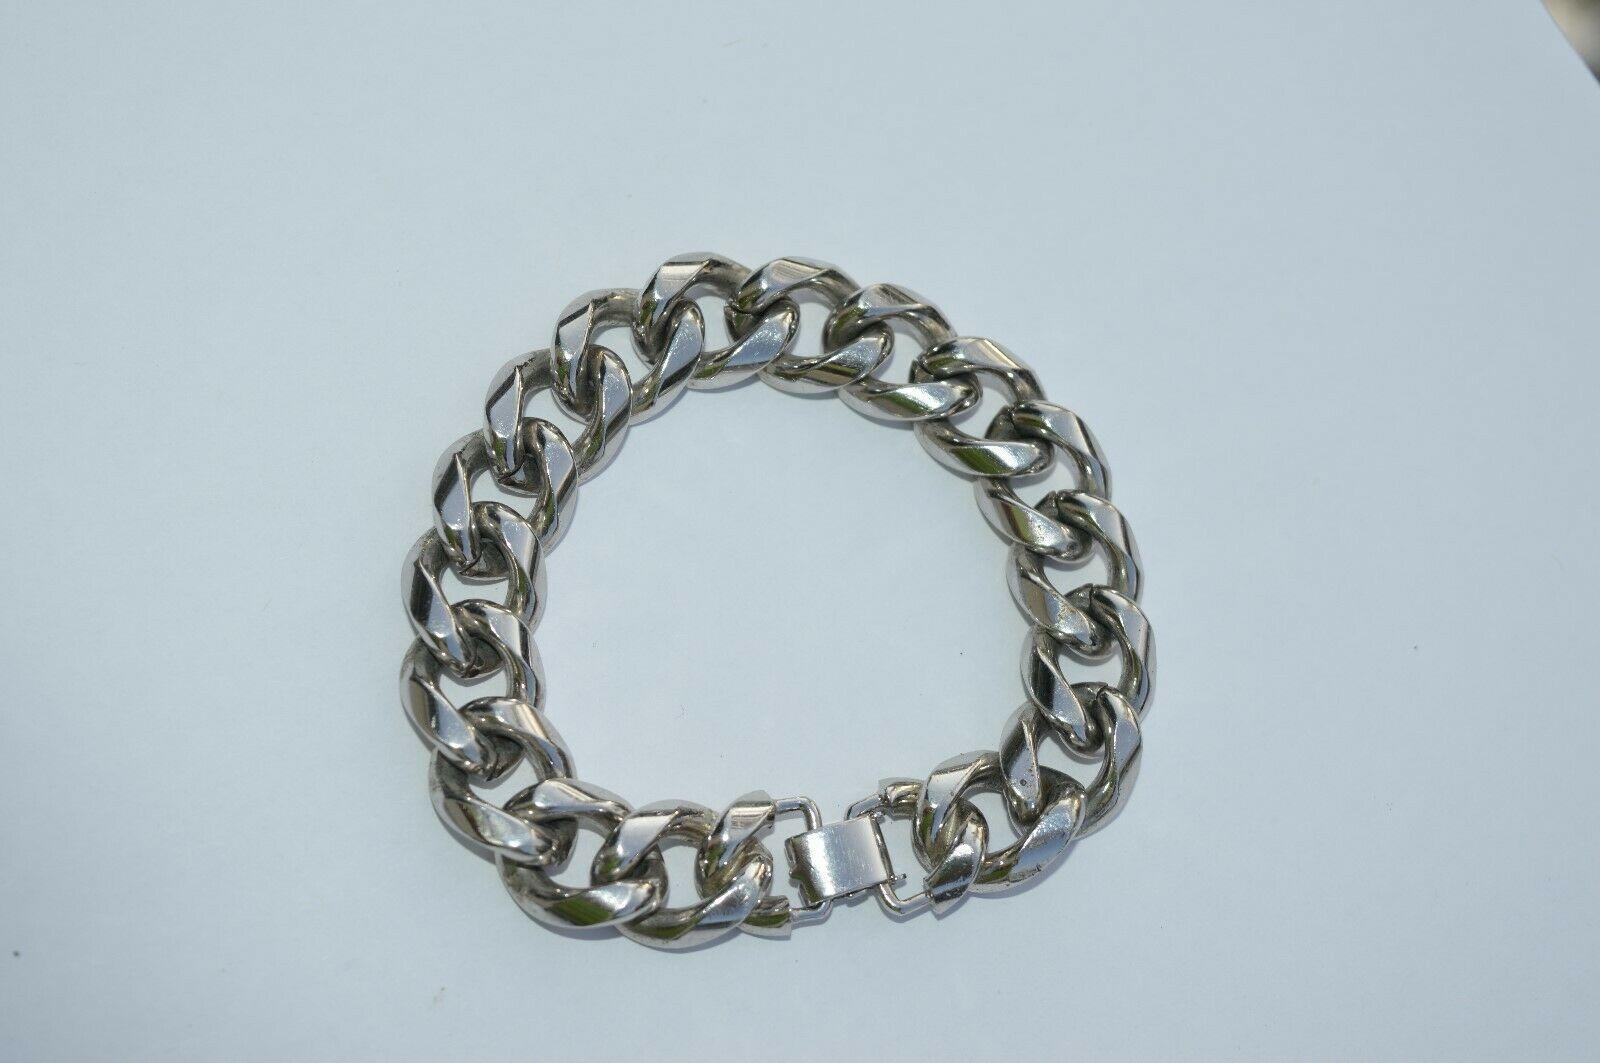 True Vtg NAPIER Heavy Link stainless steel Bracelet ''NICE''